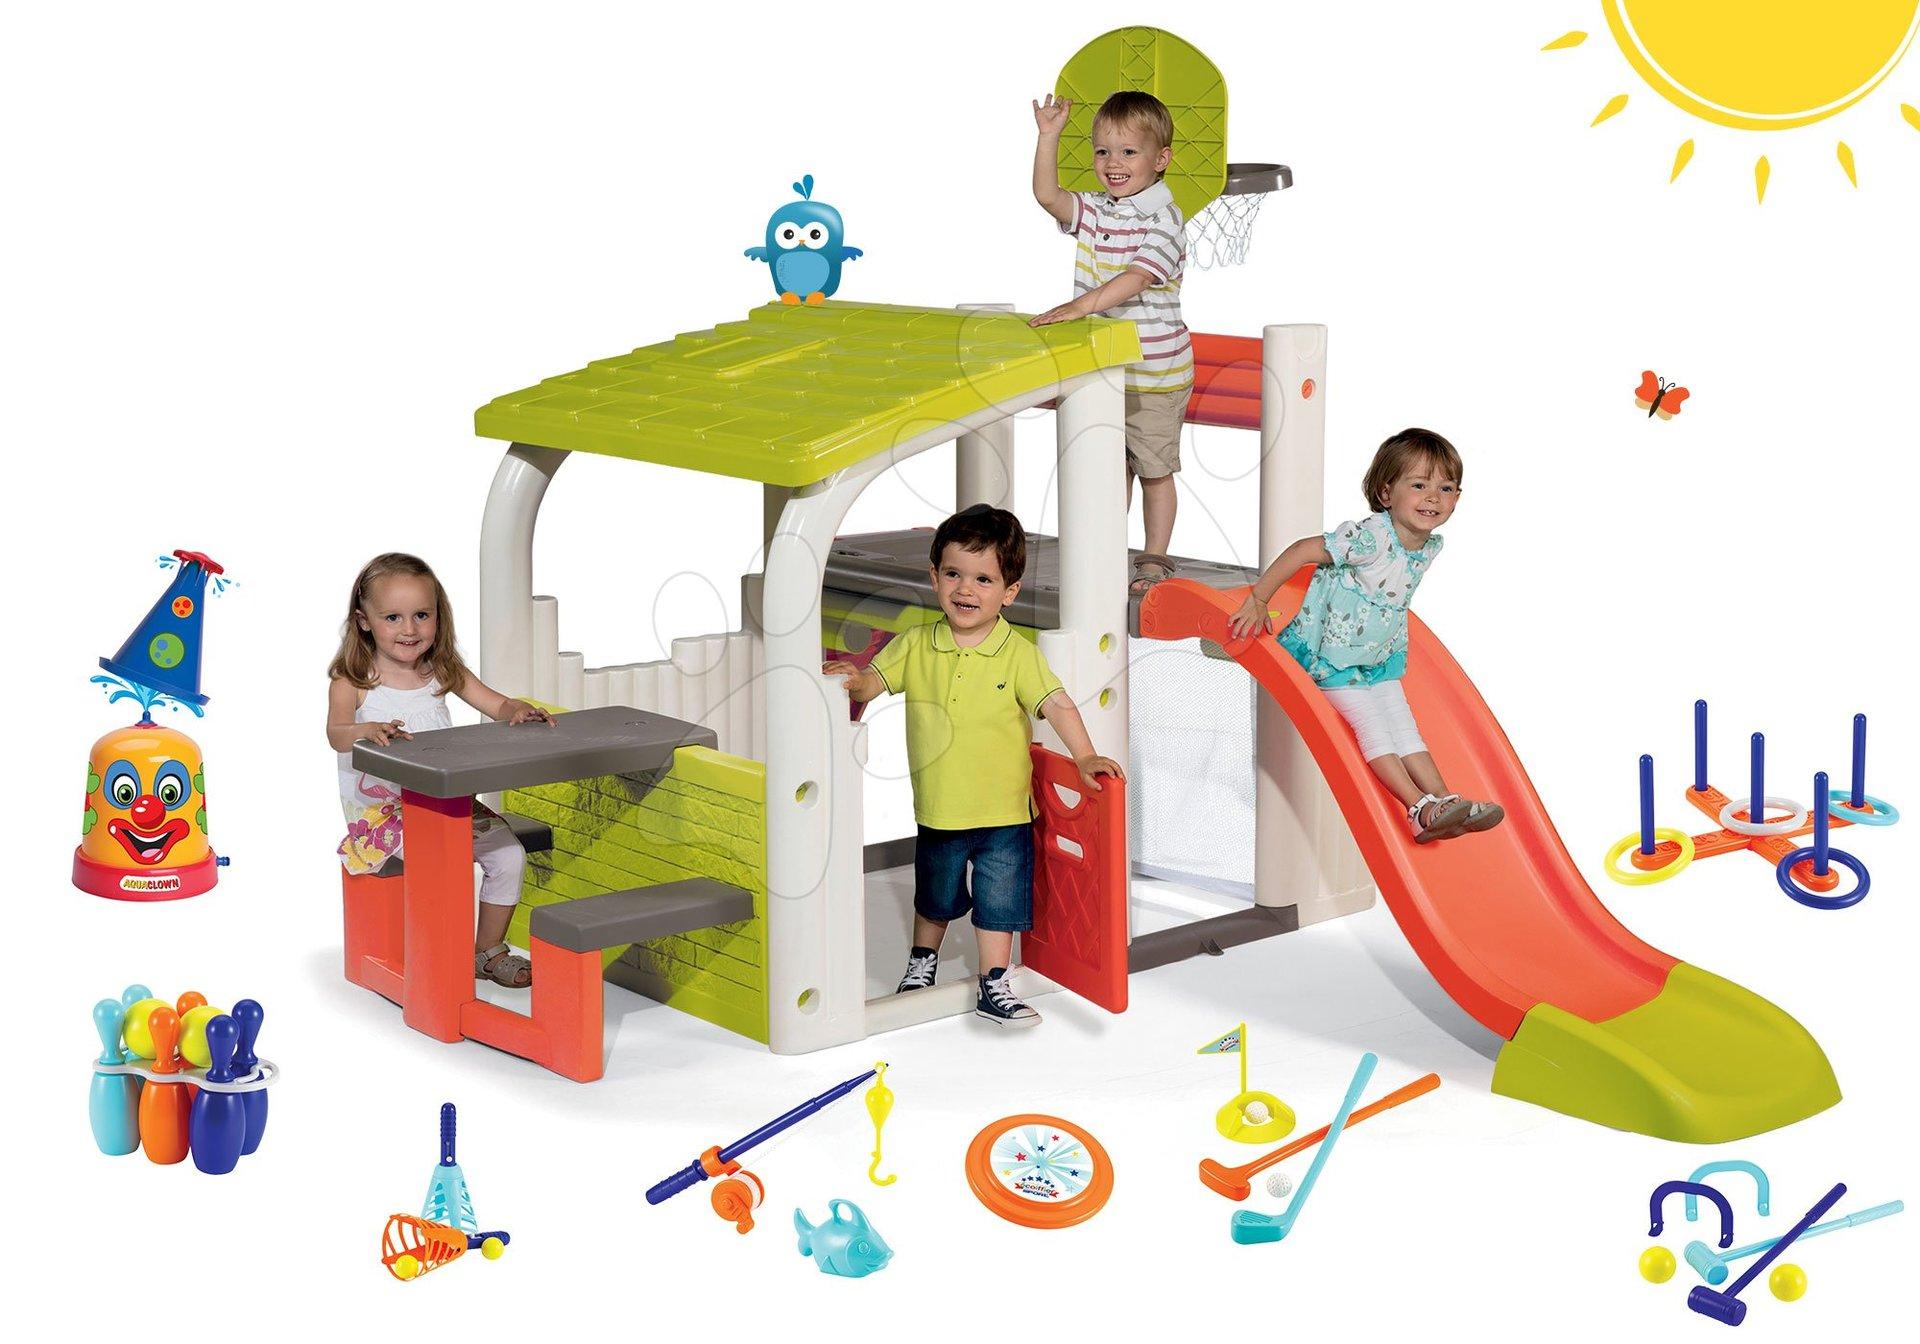 Set hrací centrum Fun Center se skluzavkou Smoby dlouhou 150 cm, vodní klaun, 7 sportovních her od 24 měsíců